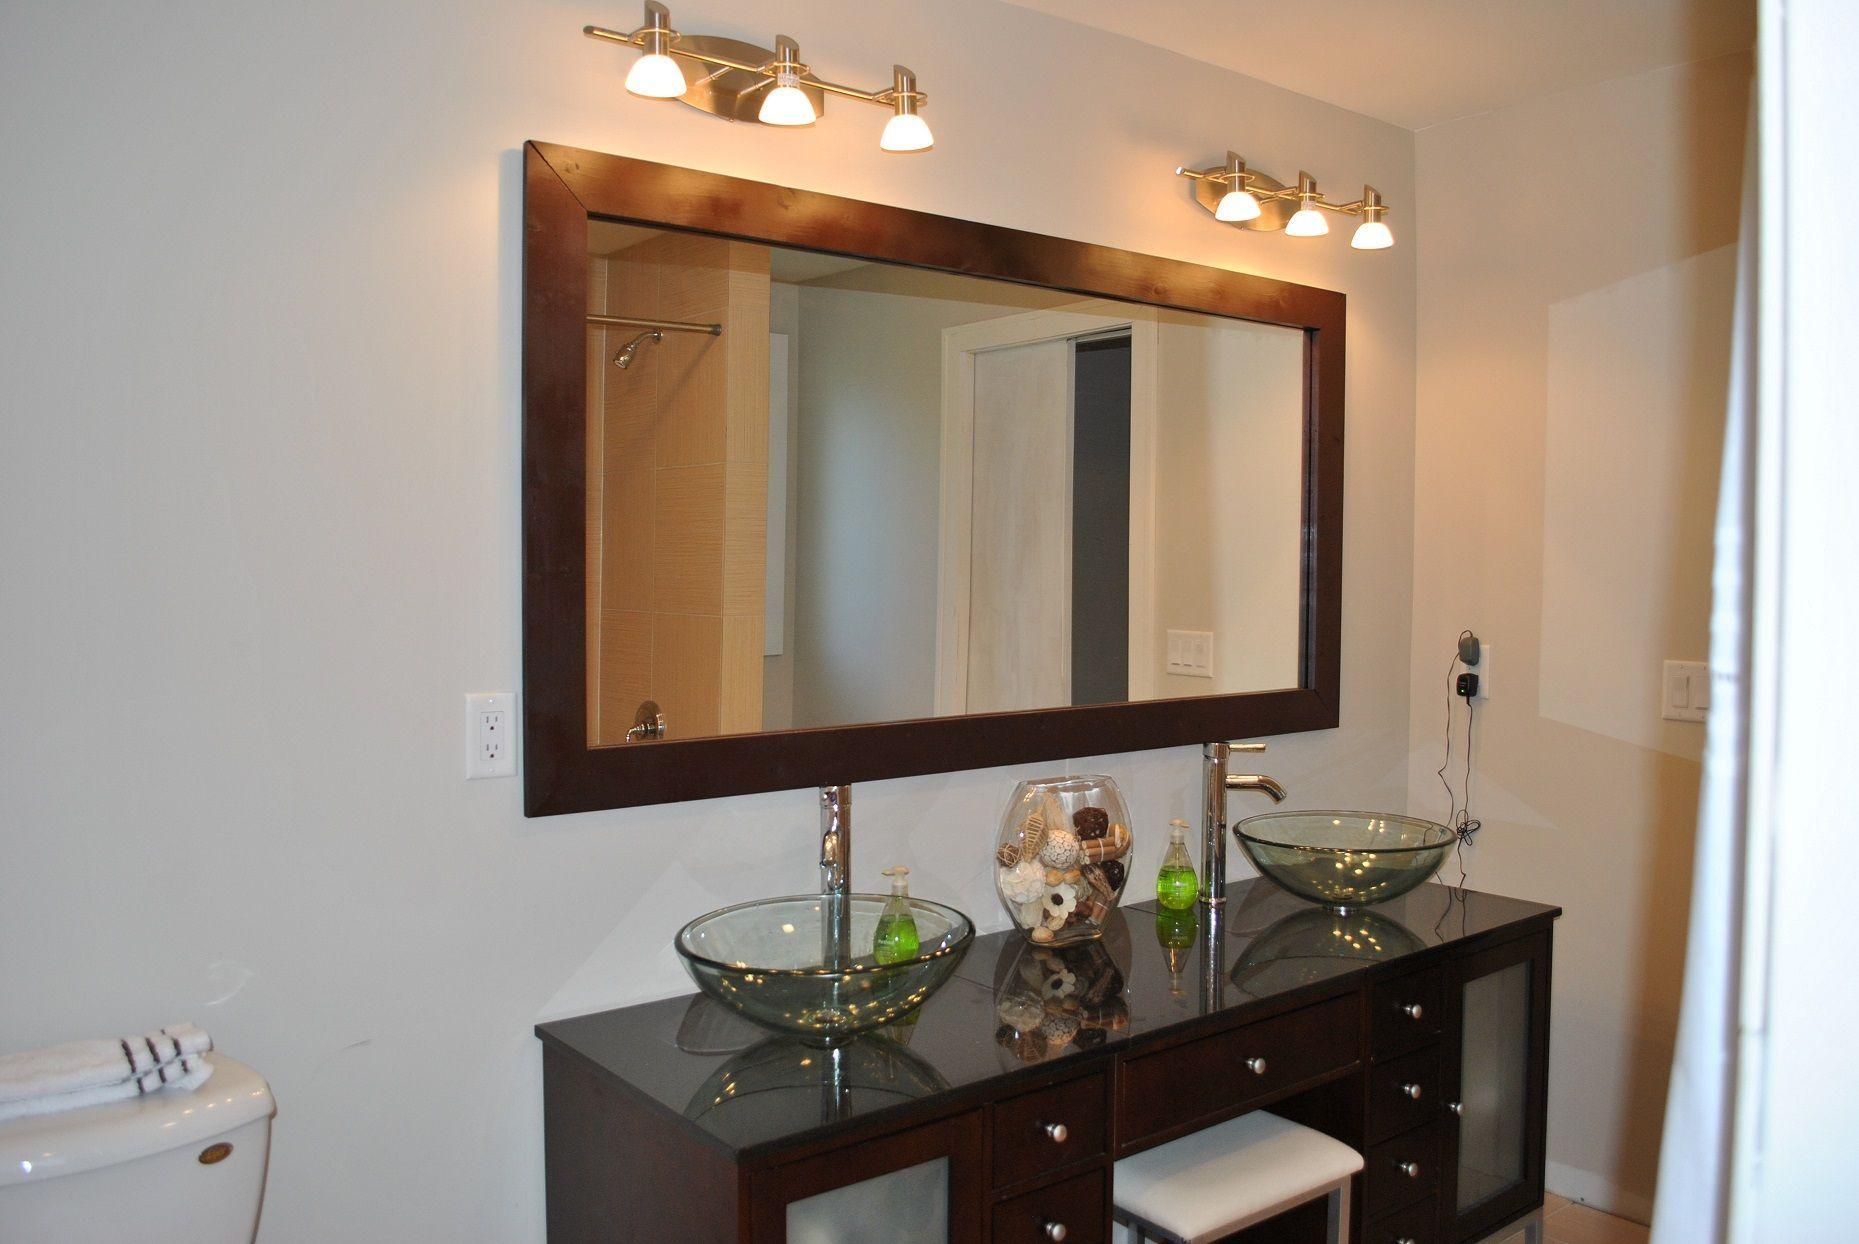 Badezimmer eitelkeiten 60 einzel waschbecken do you want to make diy vanity mirror try this diy vanity mirrors